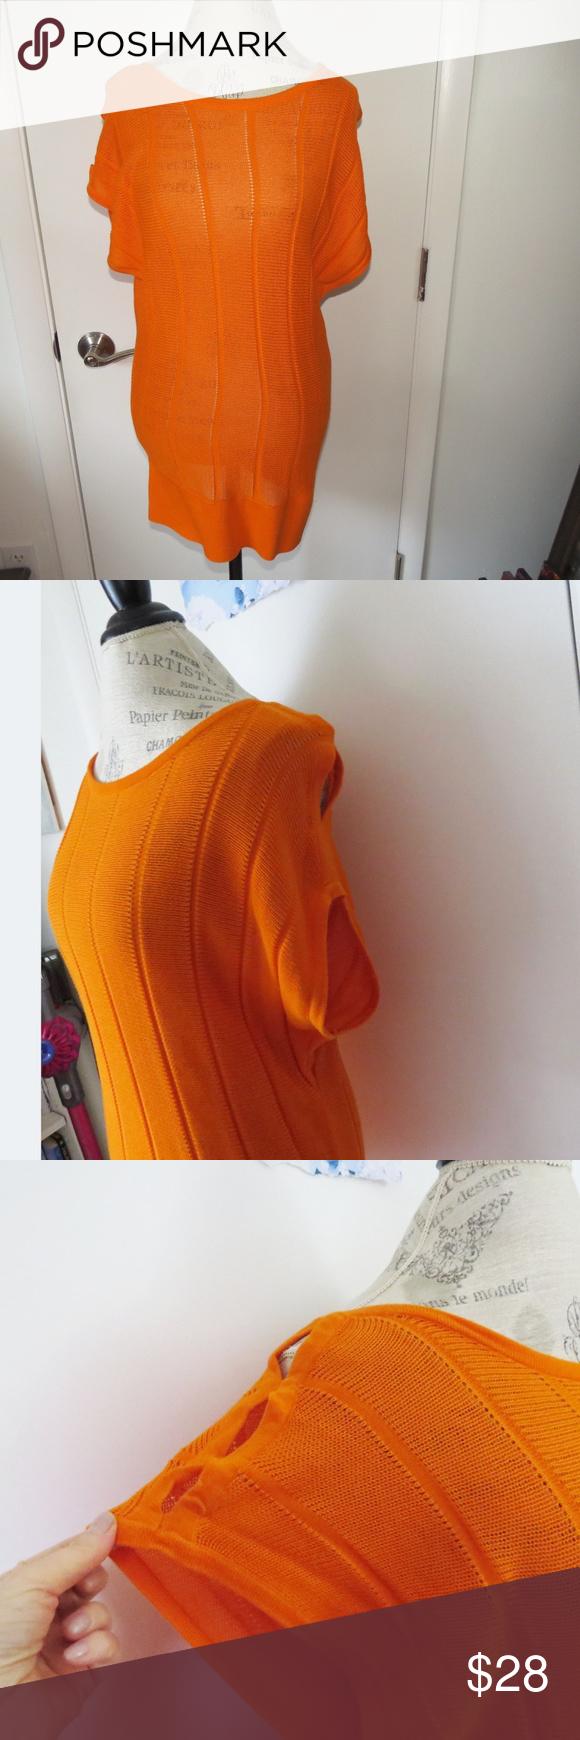 One 7 Six Orange Woven Sweater Size M Tunic Woven Sweater Sweater Sizes Light Weight Sweater